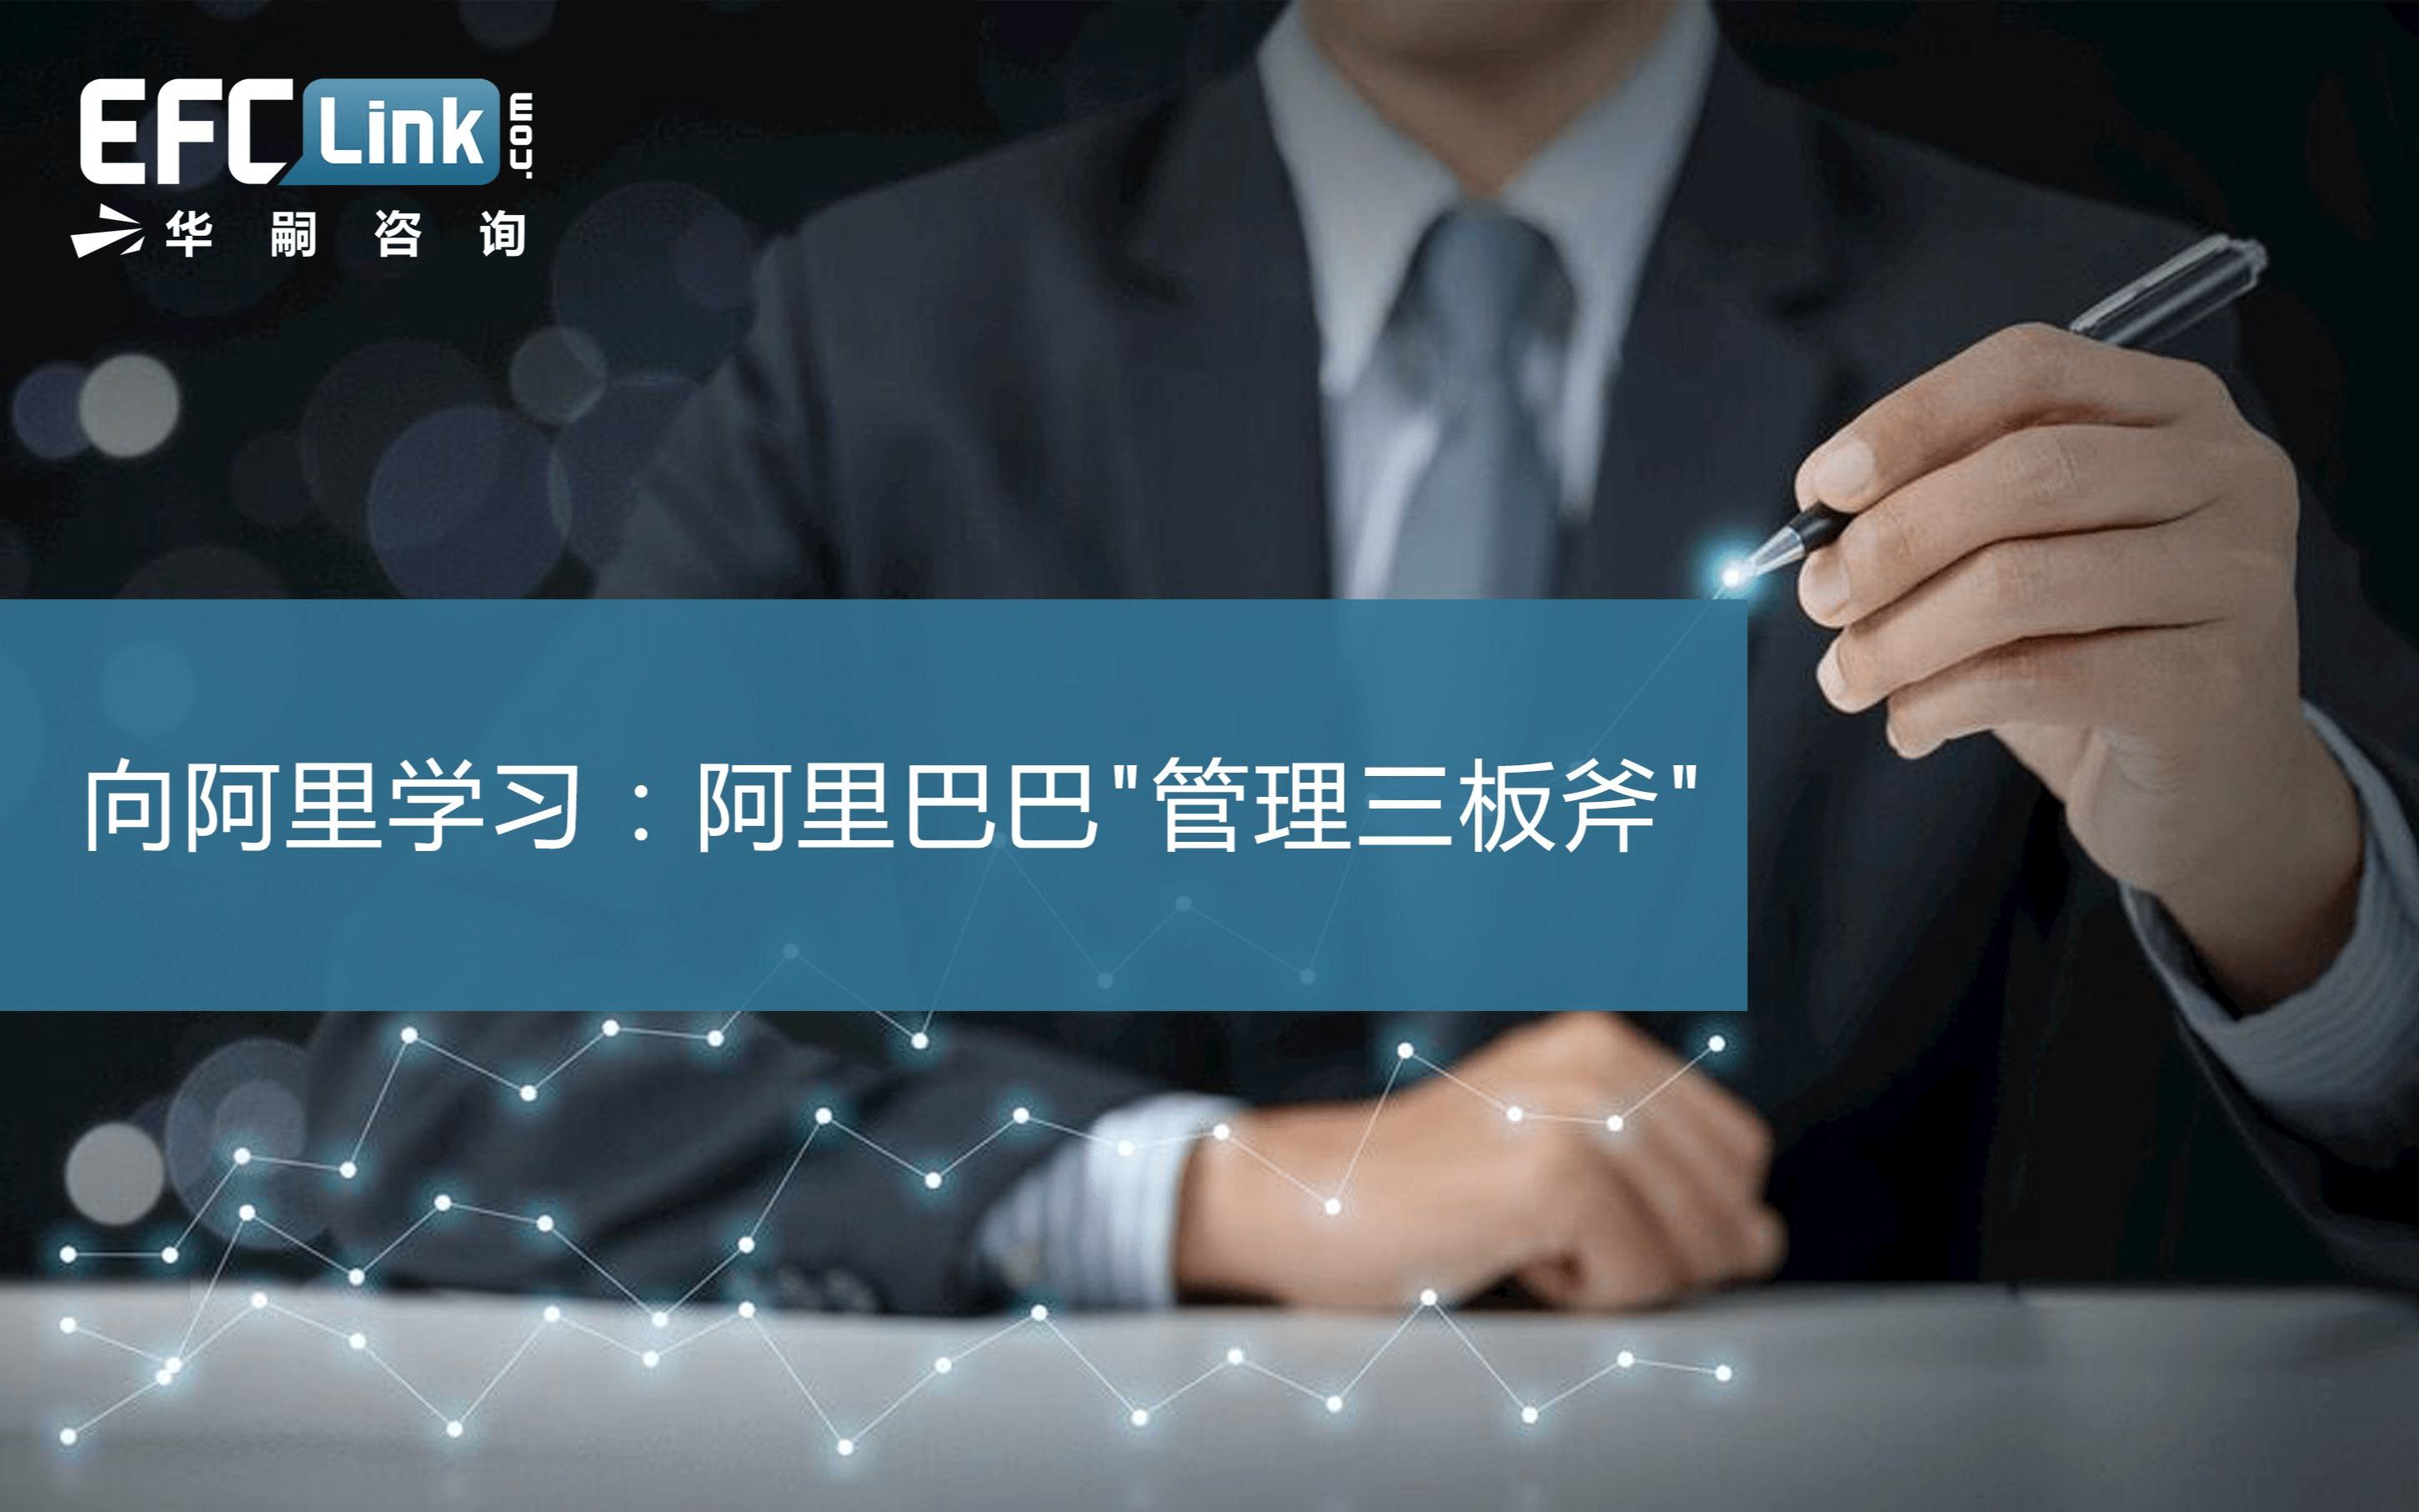 """2020向阿里學習:阿里巴巴""""管理三板斧""""(深圳-2月28日)"""